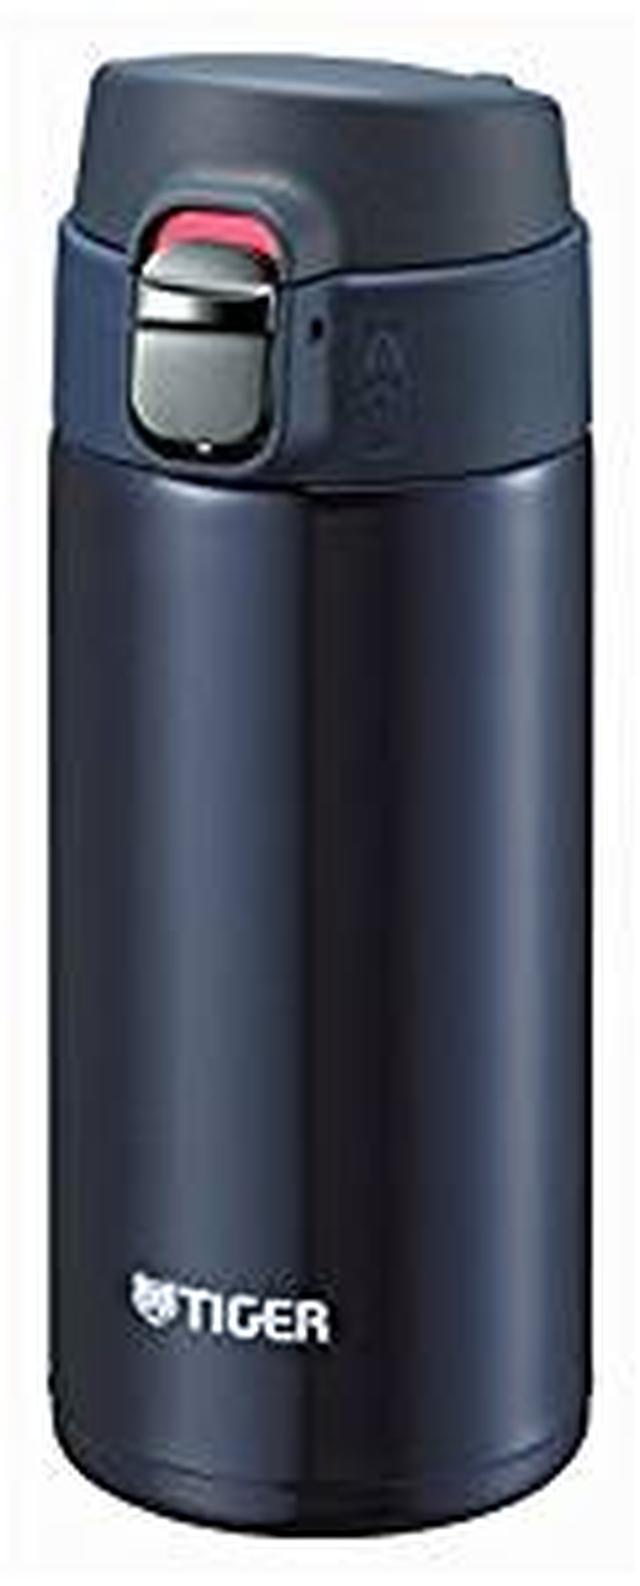 画像: Amazon|タイガー 水筒 360ml 直飲み ステンレス ミニ ボトル サハラ マグ 軽量 夢重力 ブルーブラック MMJ-A036-KA Tiger|水筒・マグボトル オンライン通販